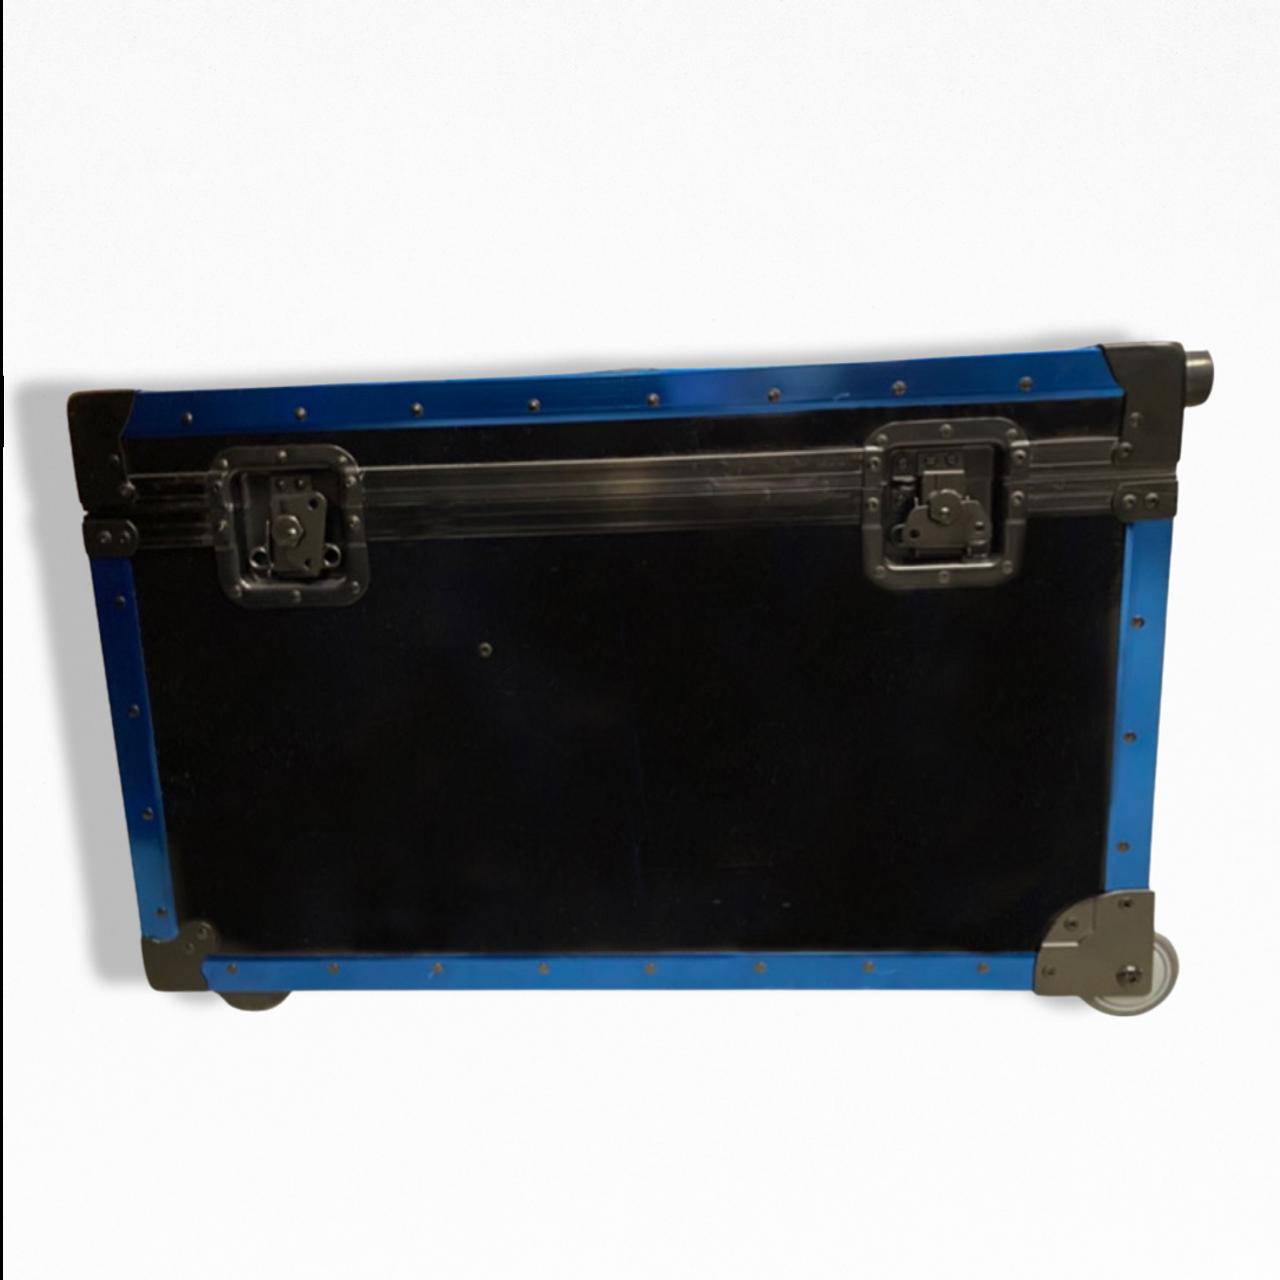 ARRI Orbiter LED Shipping Case